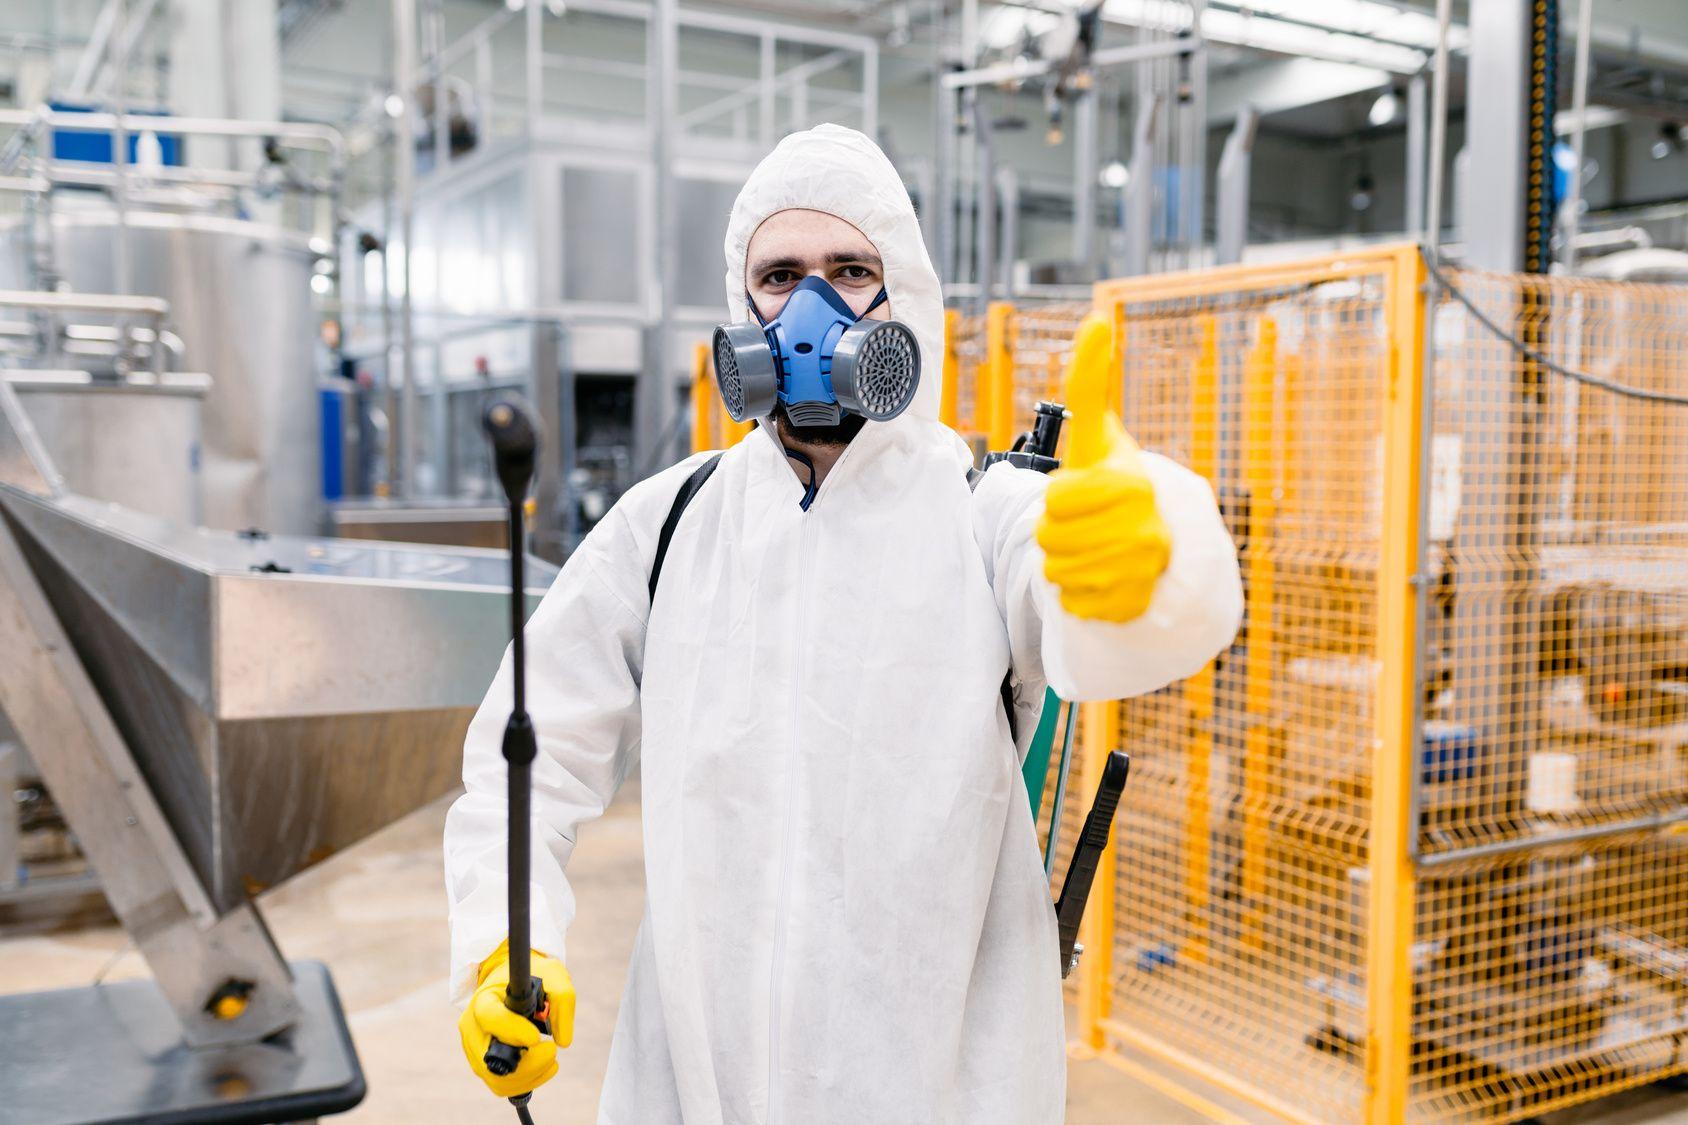 Soluciones de Control de plagas de Eco Plagas para administradores de instalaciones